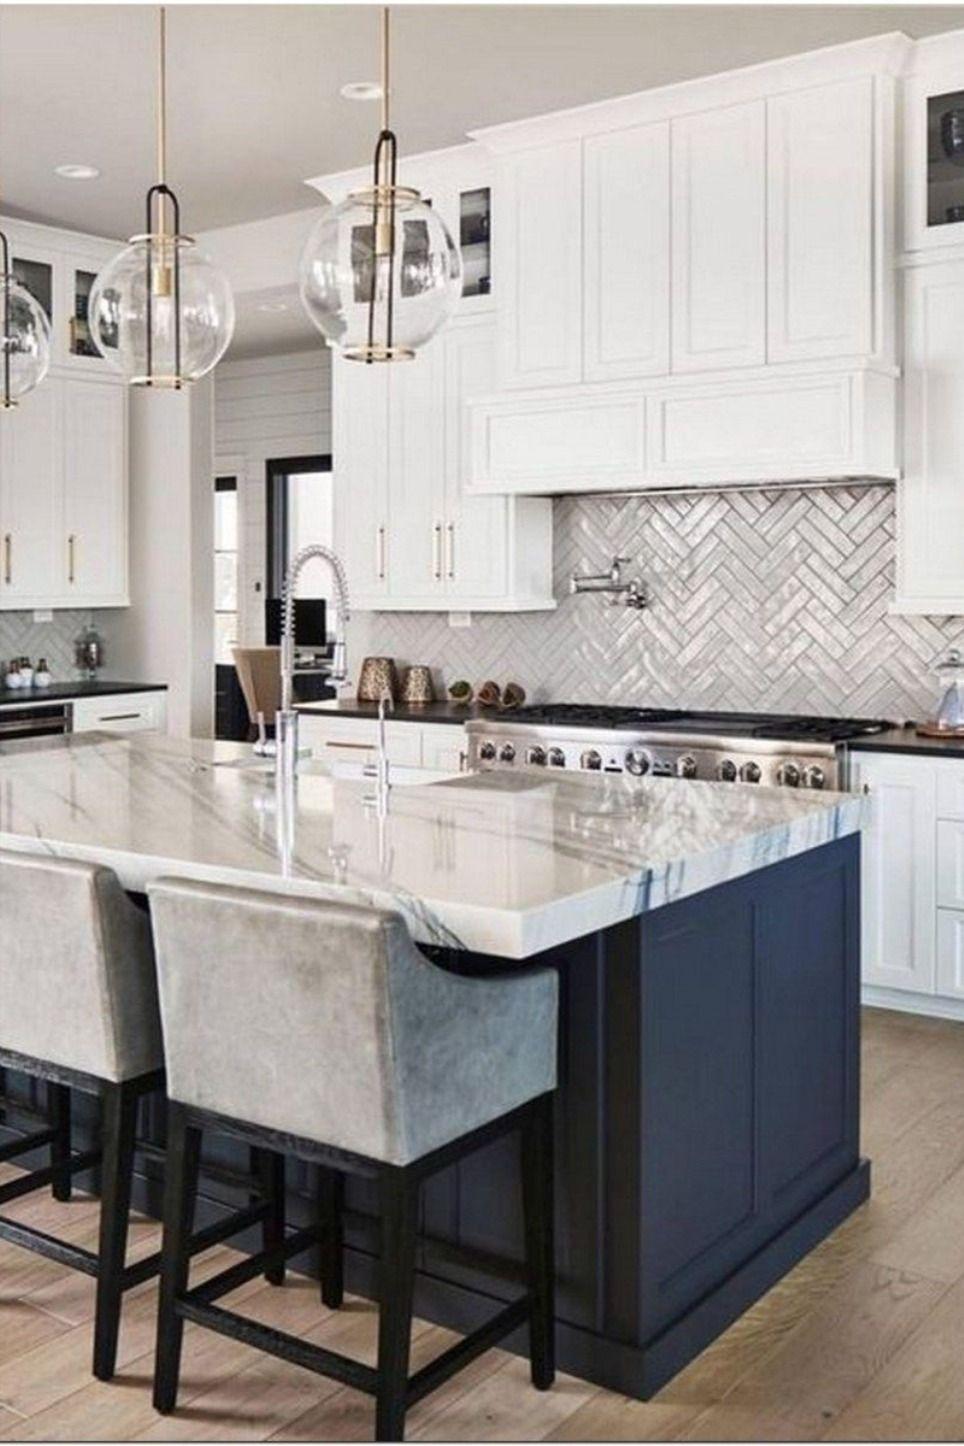 5 Best Kitchen Island Ideas Finally In One Place In 2020 Home Decor Kitchen White Kitchen Design Kitchen Remodel Design